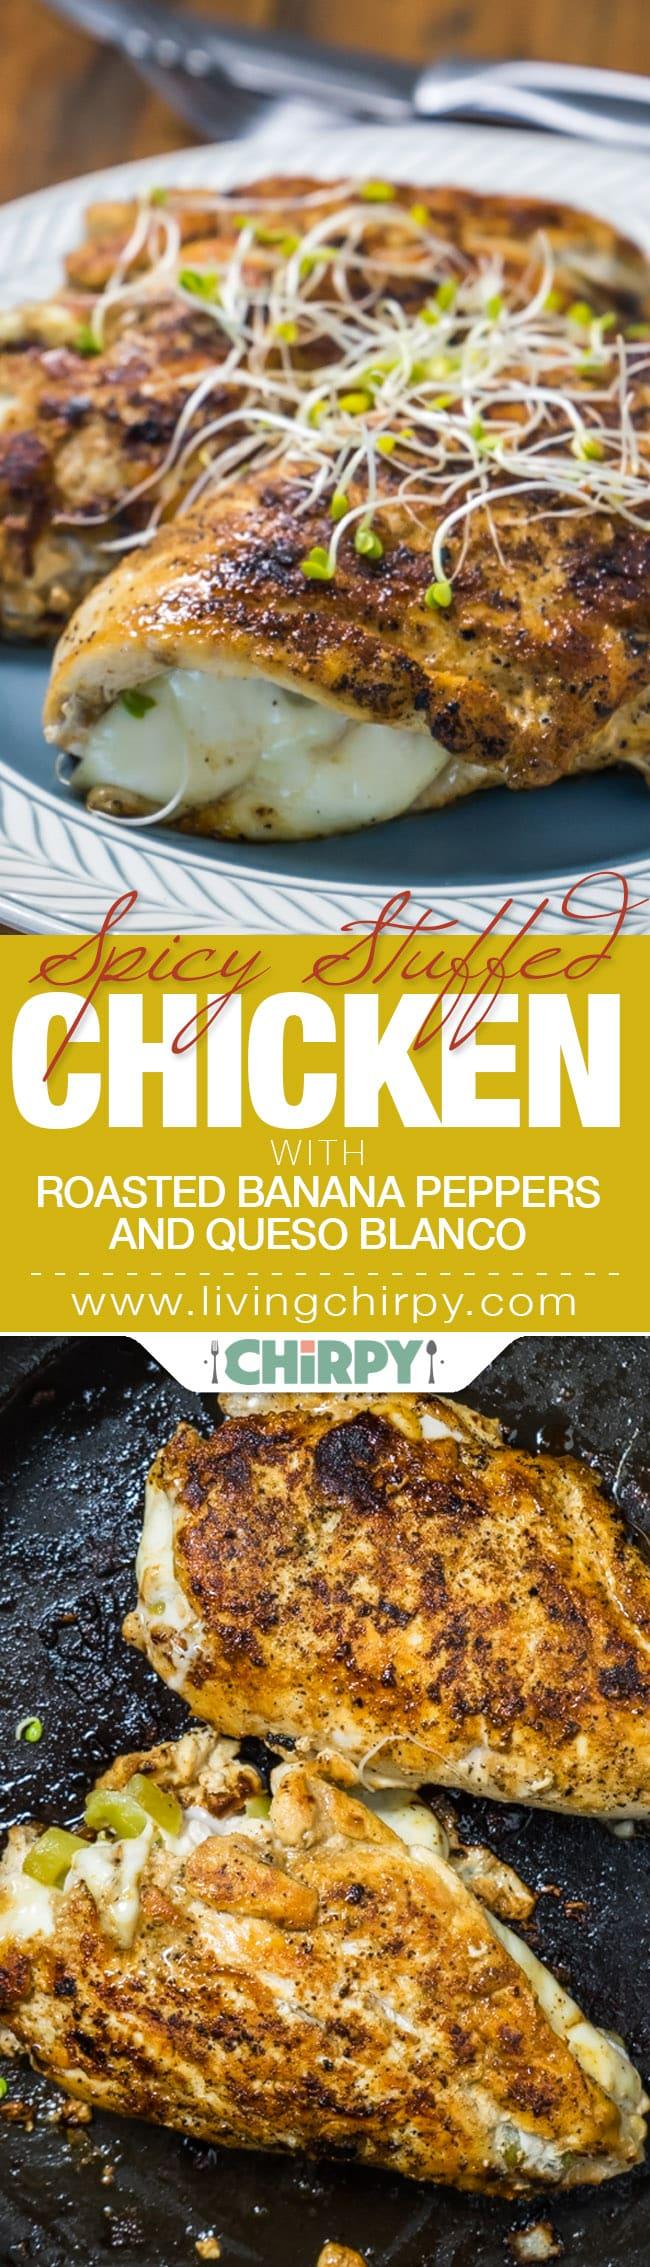 Spicy Stuffed Chicken